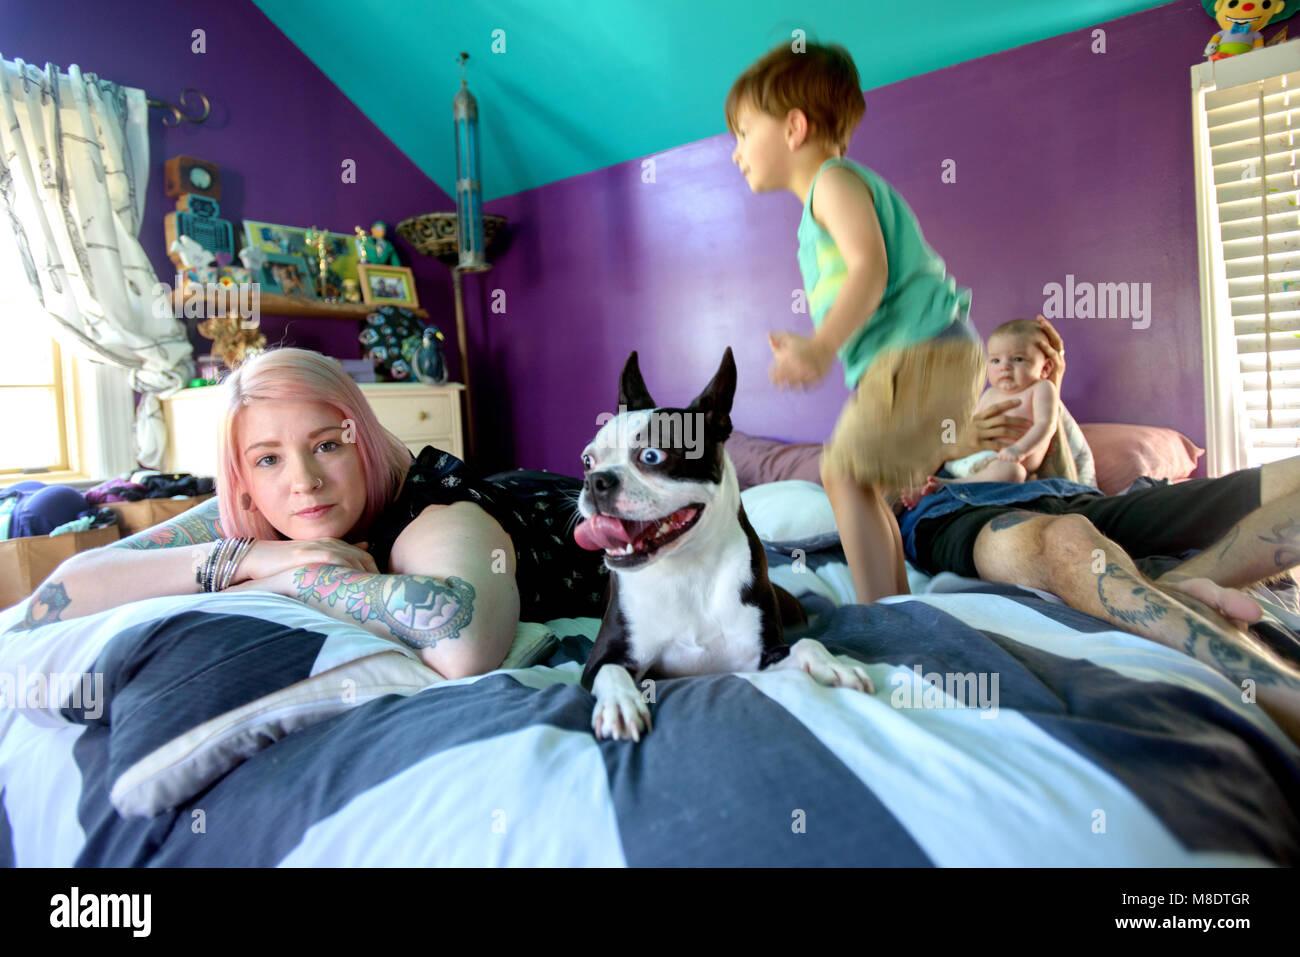 Famille et chien de compagnie sur lit dans la chambre Photo Stock